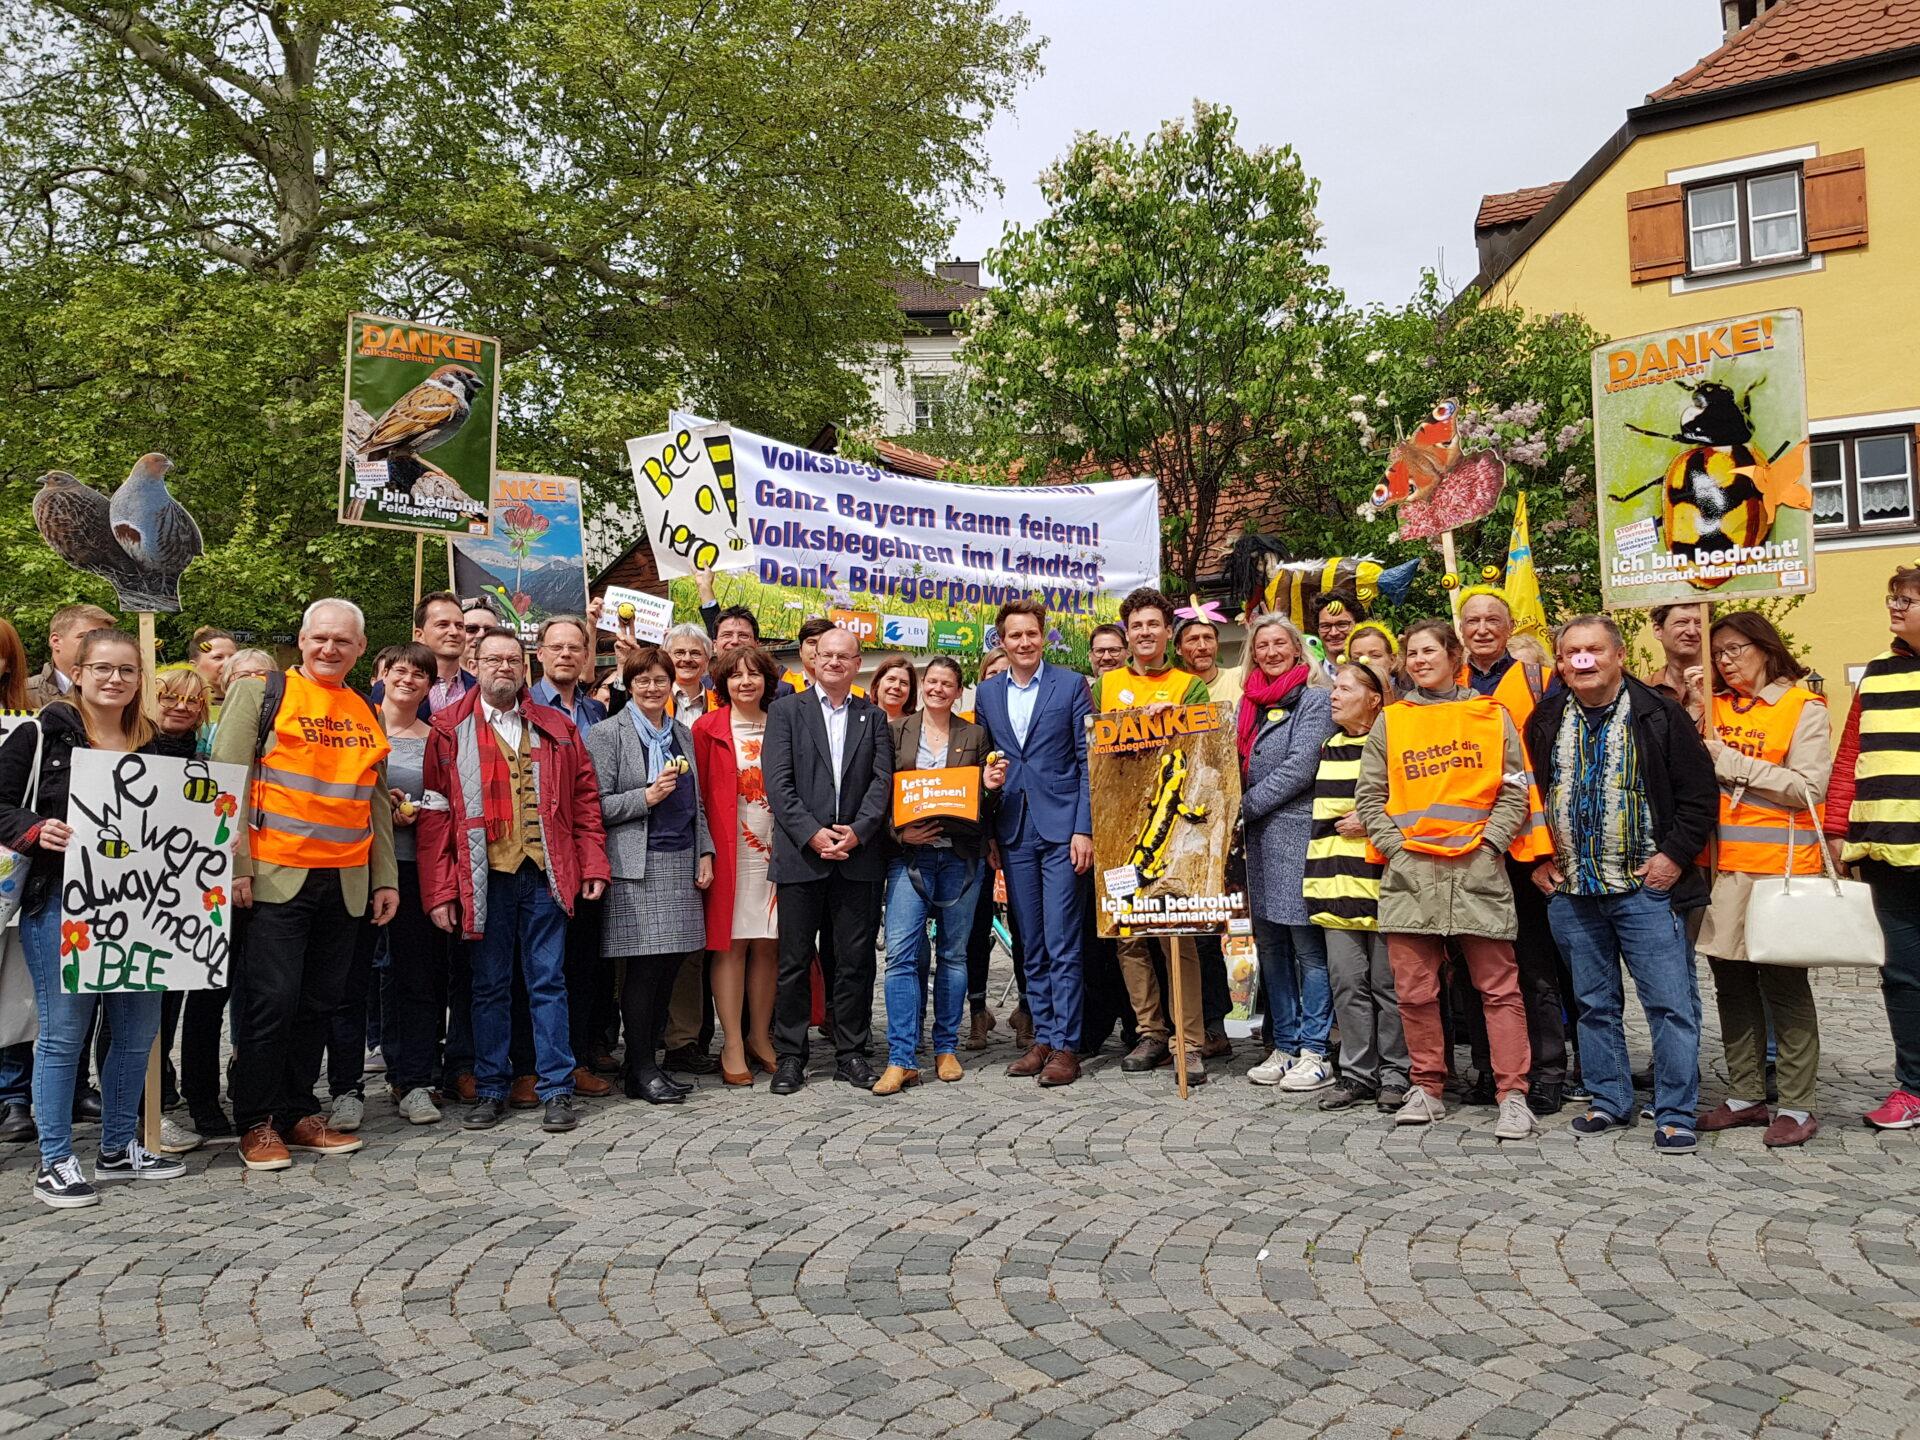 """Bayern: Volksbegehren Artenvielfalt und """"Versöhnungsgesetz"""" beschlossen - WILD UND HUND"""